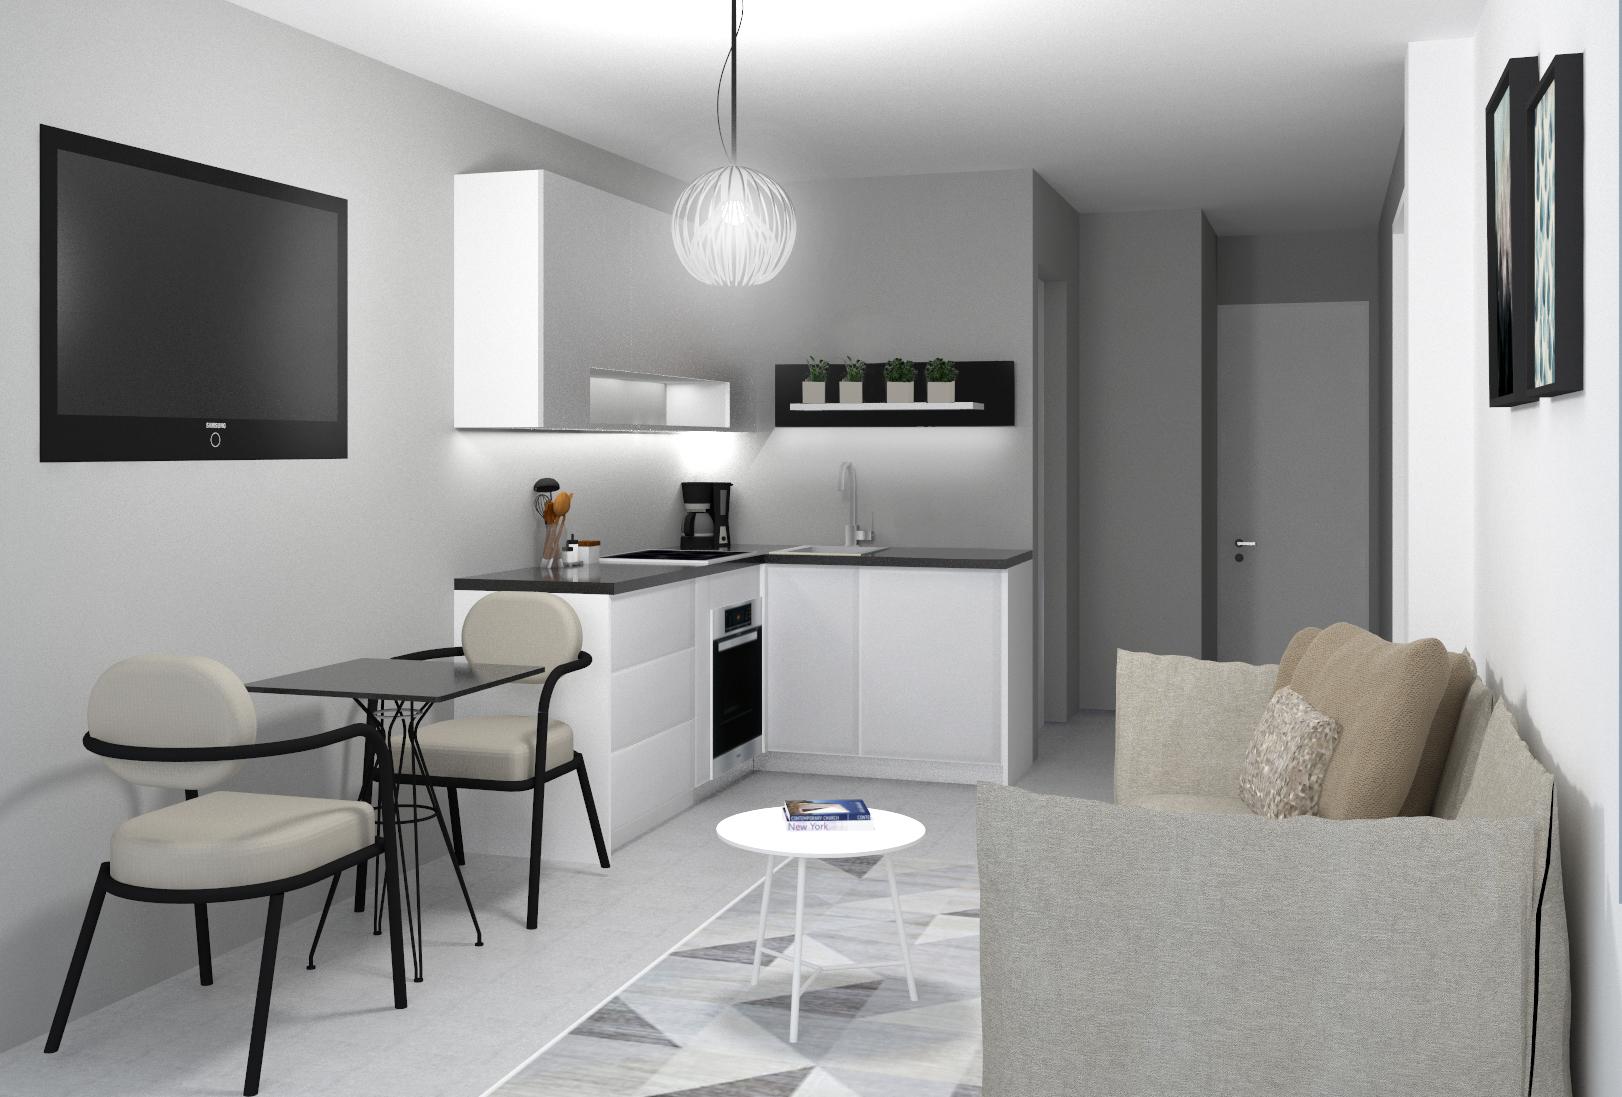 Simulação 3D da sala e cozinha